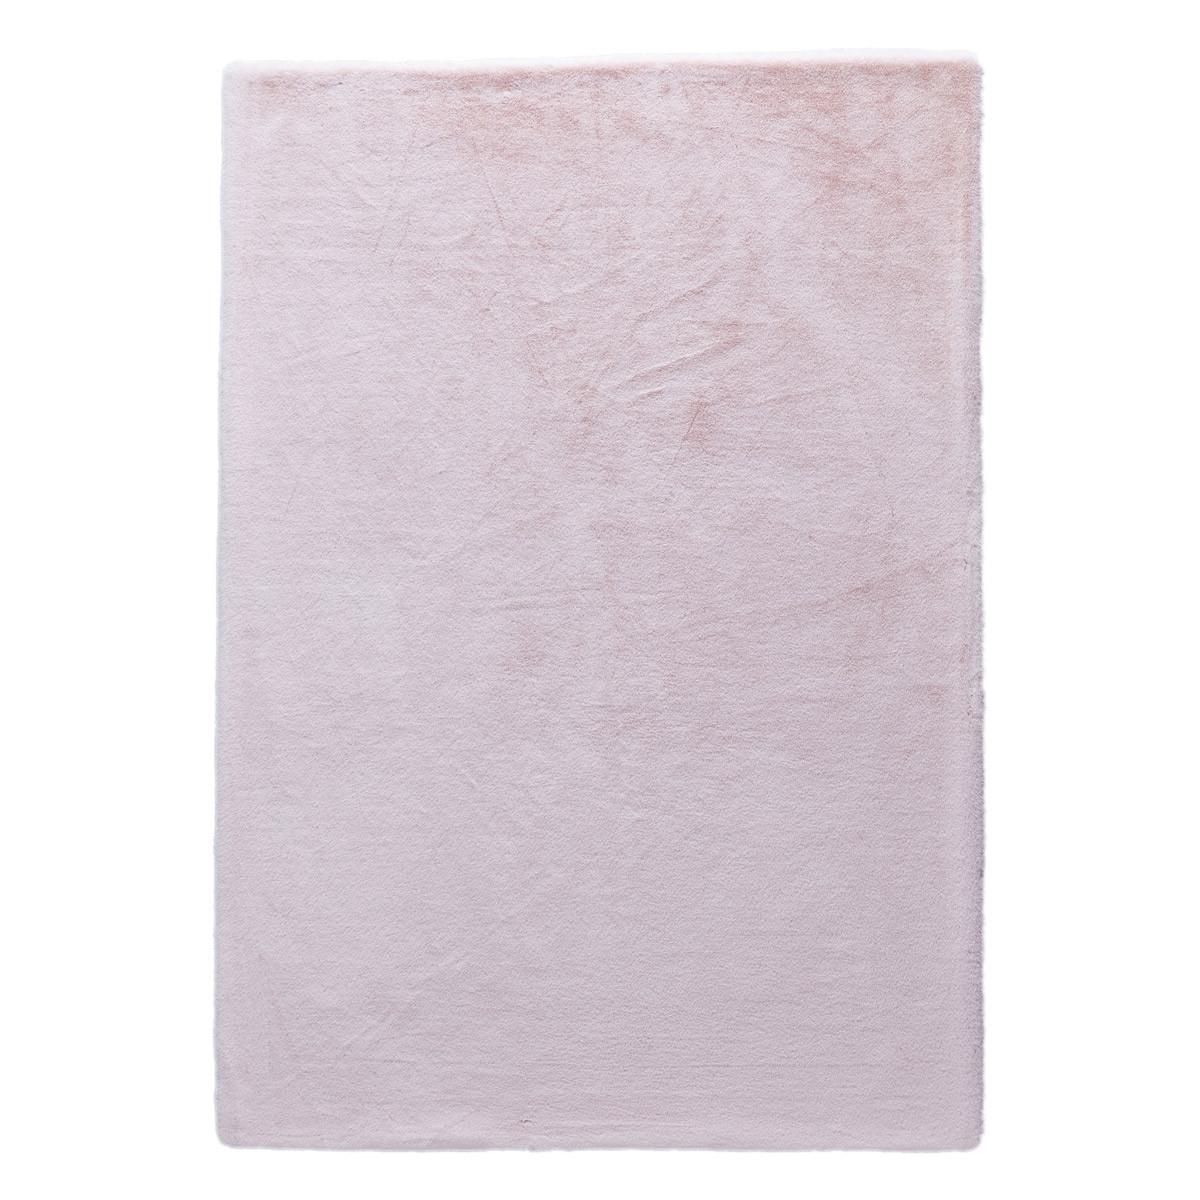 Γούνινο Χαλί (160×230) New Plan Rabbit Skin R06 Pink